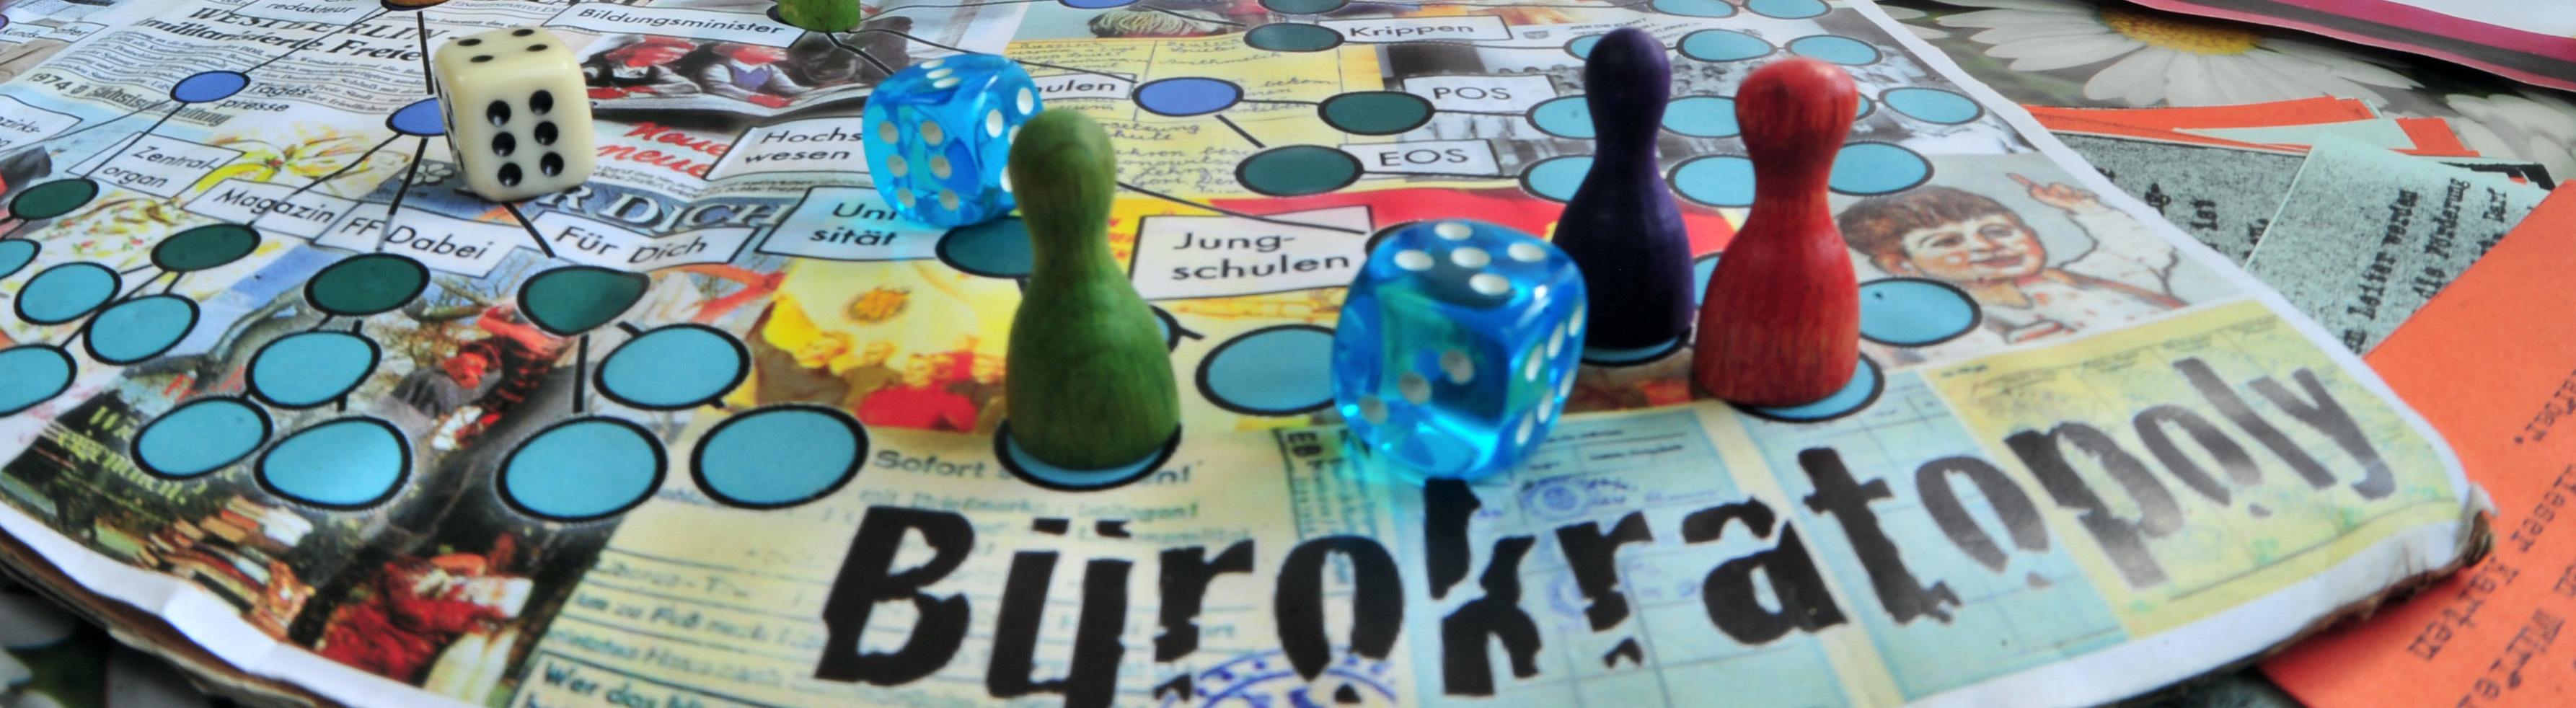 Martin Böttger zeigt ein mit Freunden entworfenes «Bürokratopoly-Spiel», aufgenommen am 11.05.2012 in Zwickau.